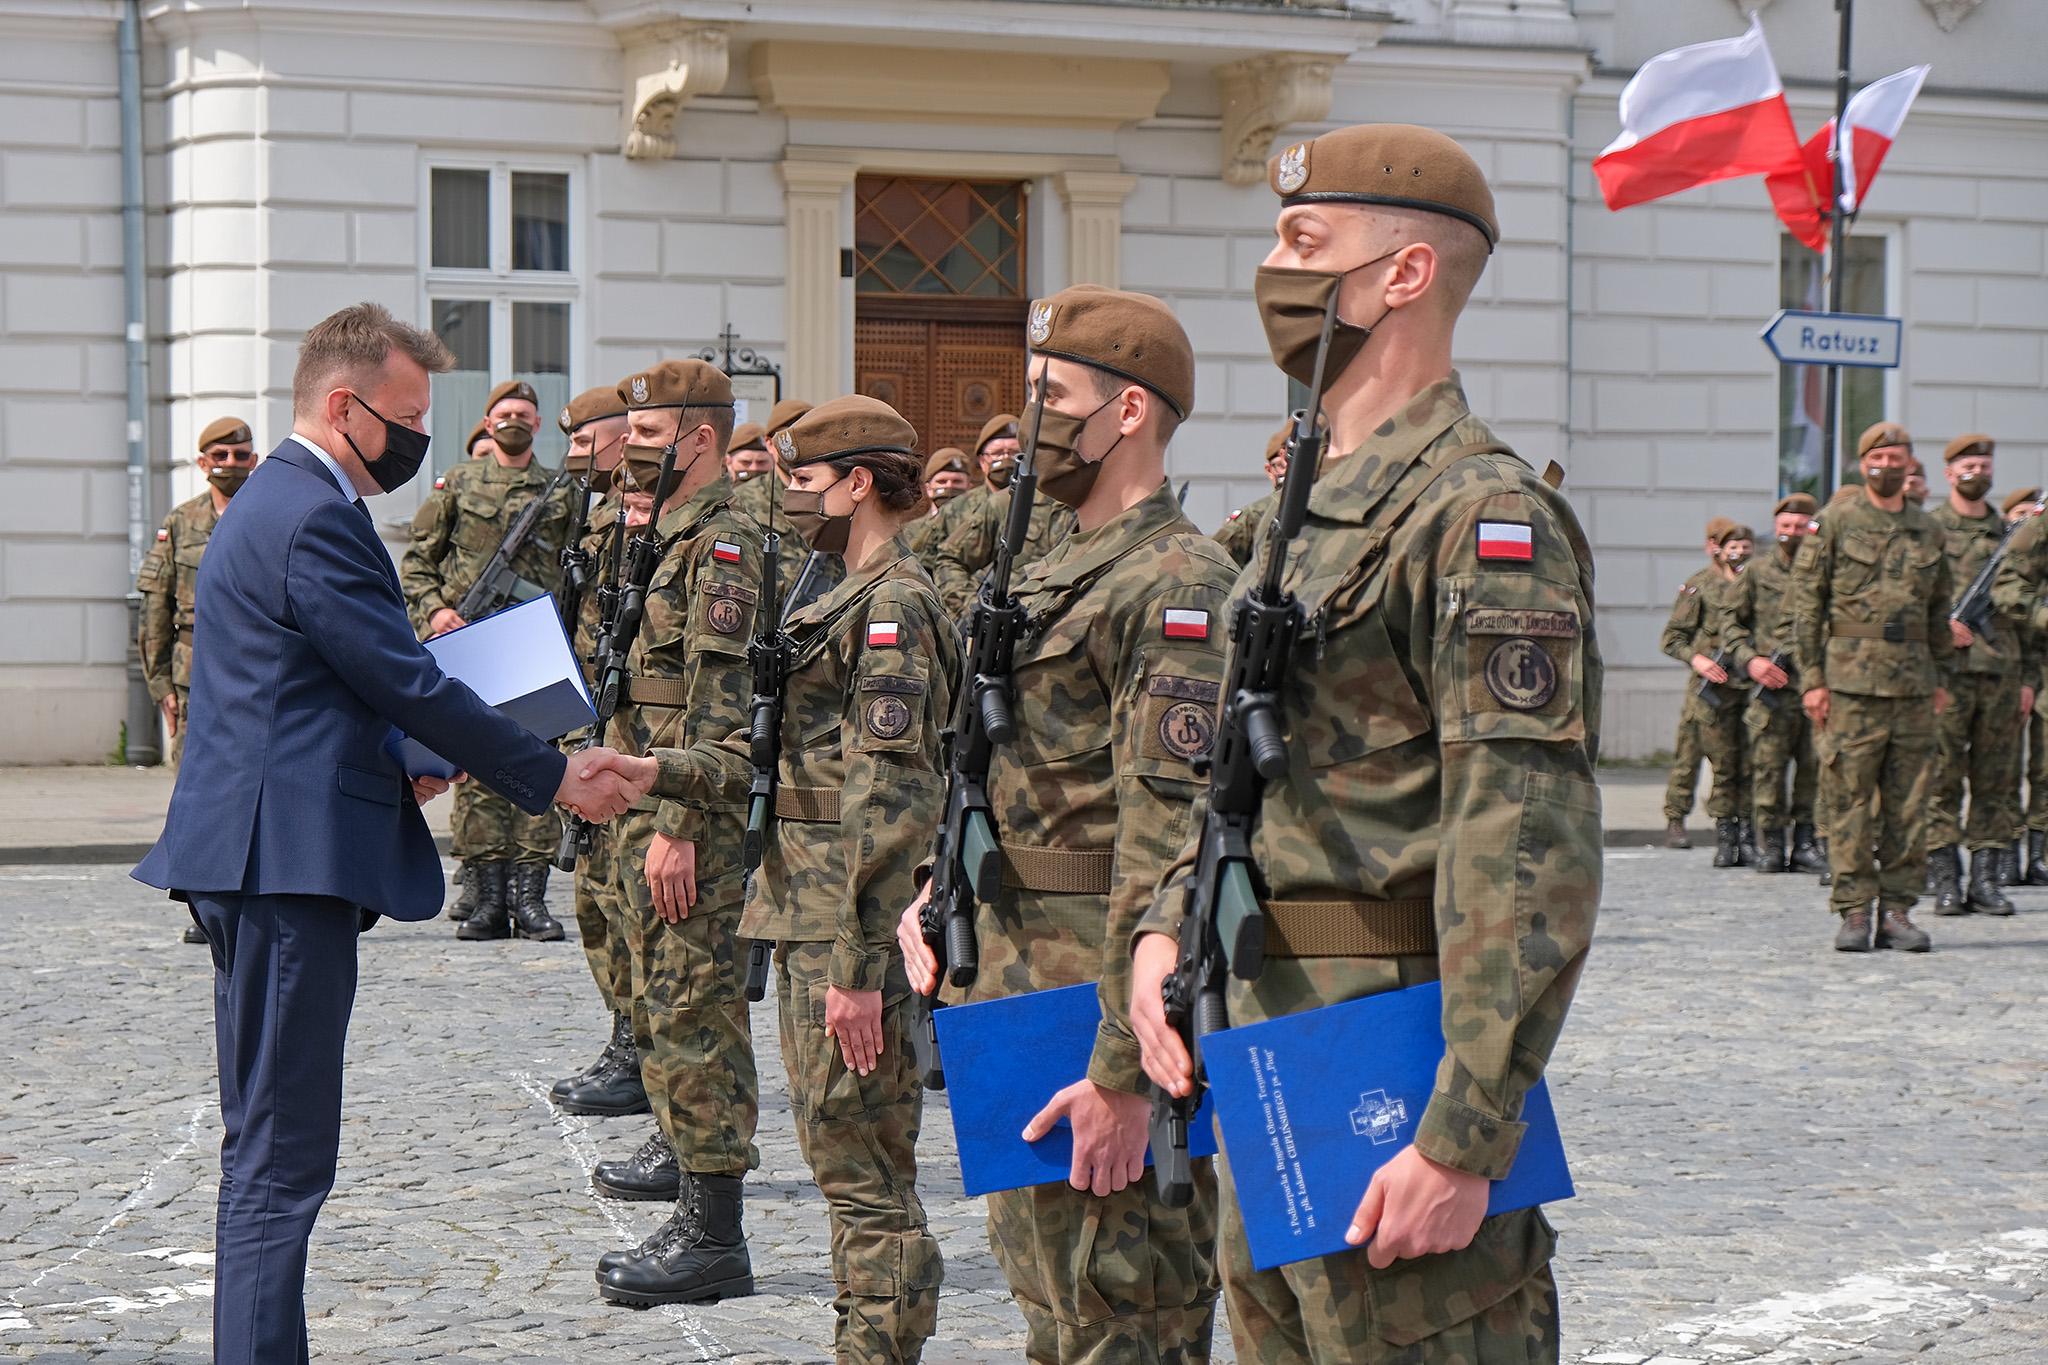 DSCF2256_RZESZOW_NEWS_SEBASTIAN_STANKIEWICZ